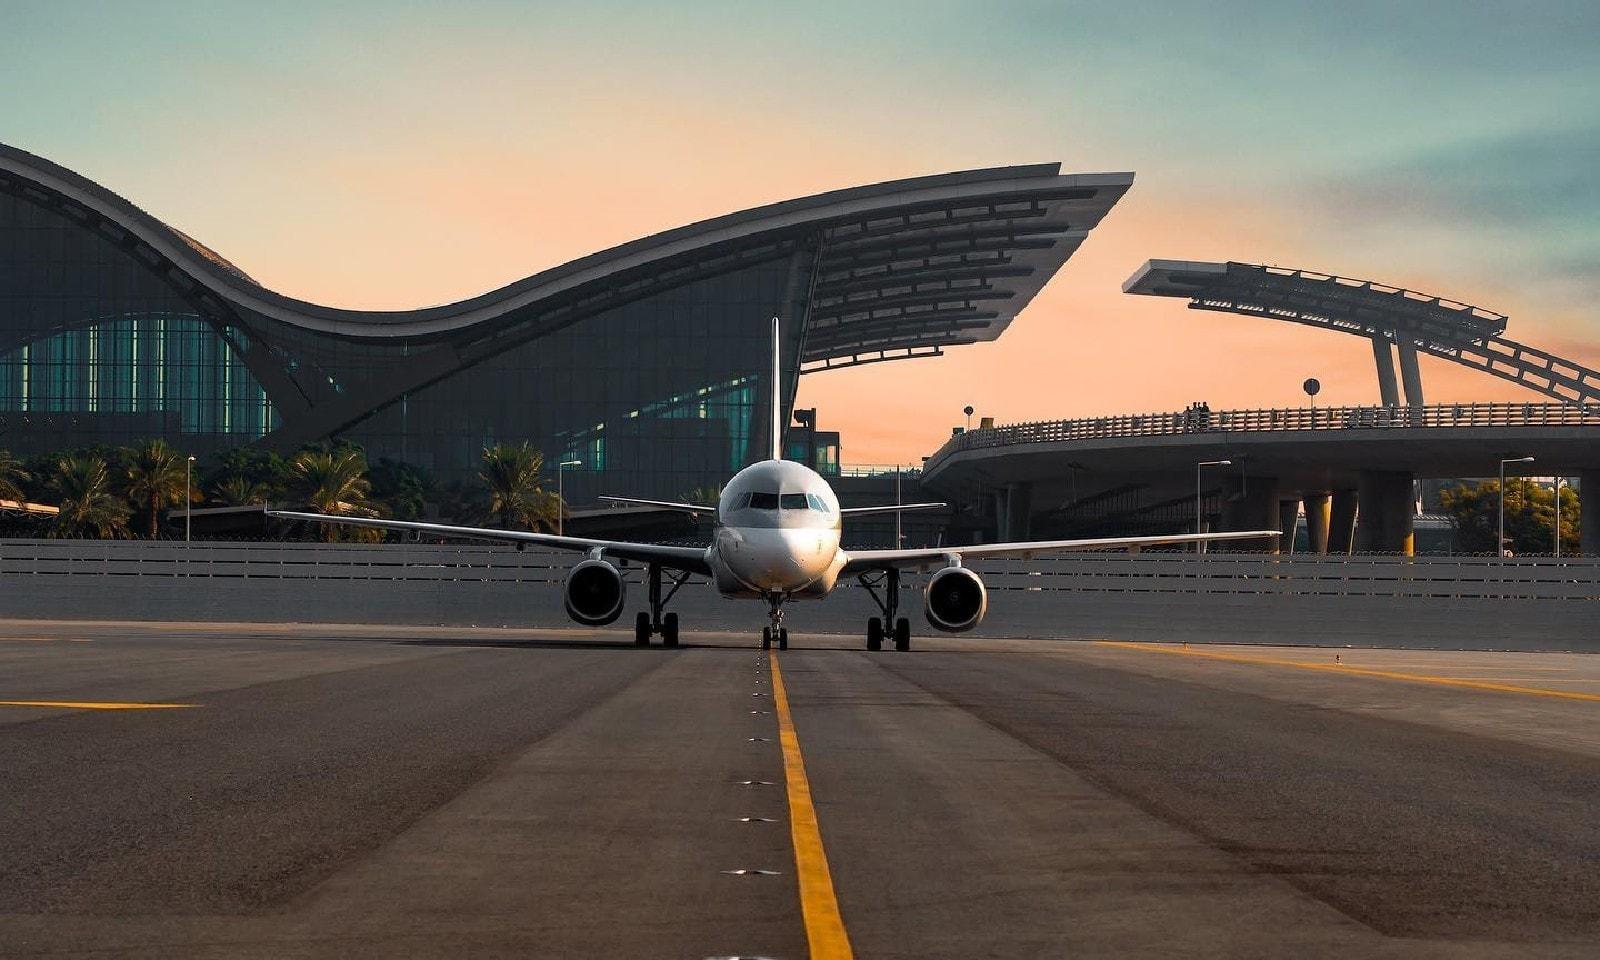 فوٹو بشکریہ حماد انٹرنیشنل ایئرپورٹ فیس بک پیج